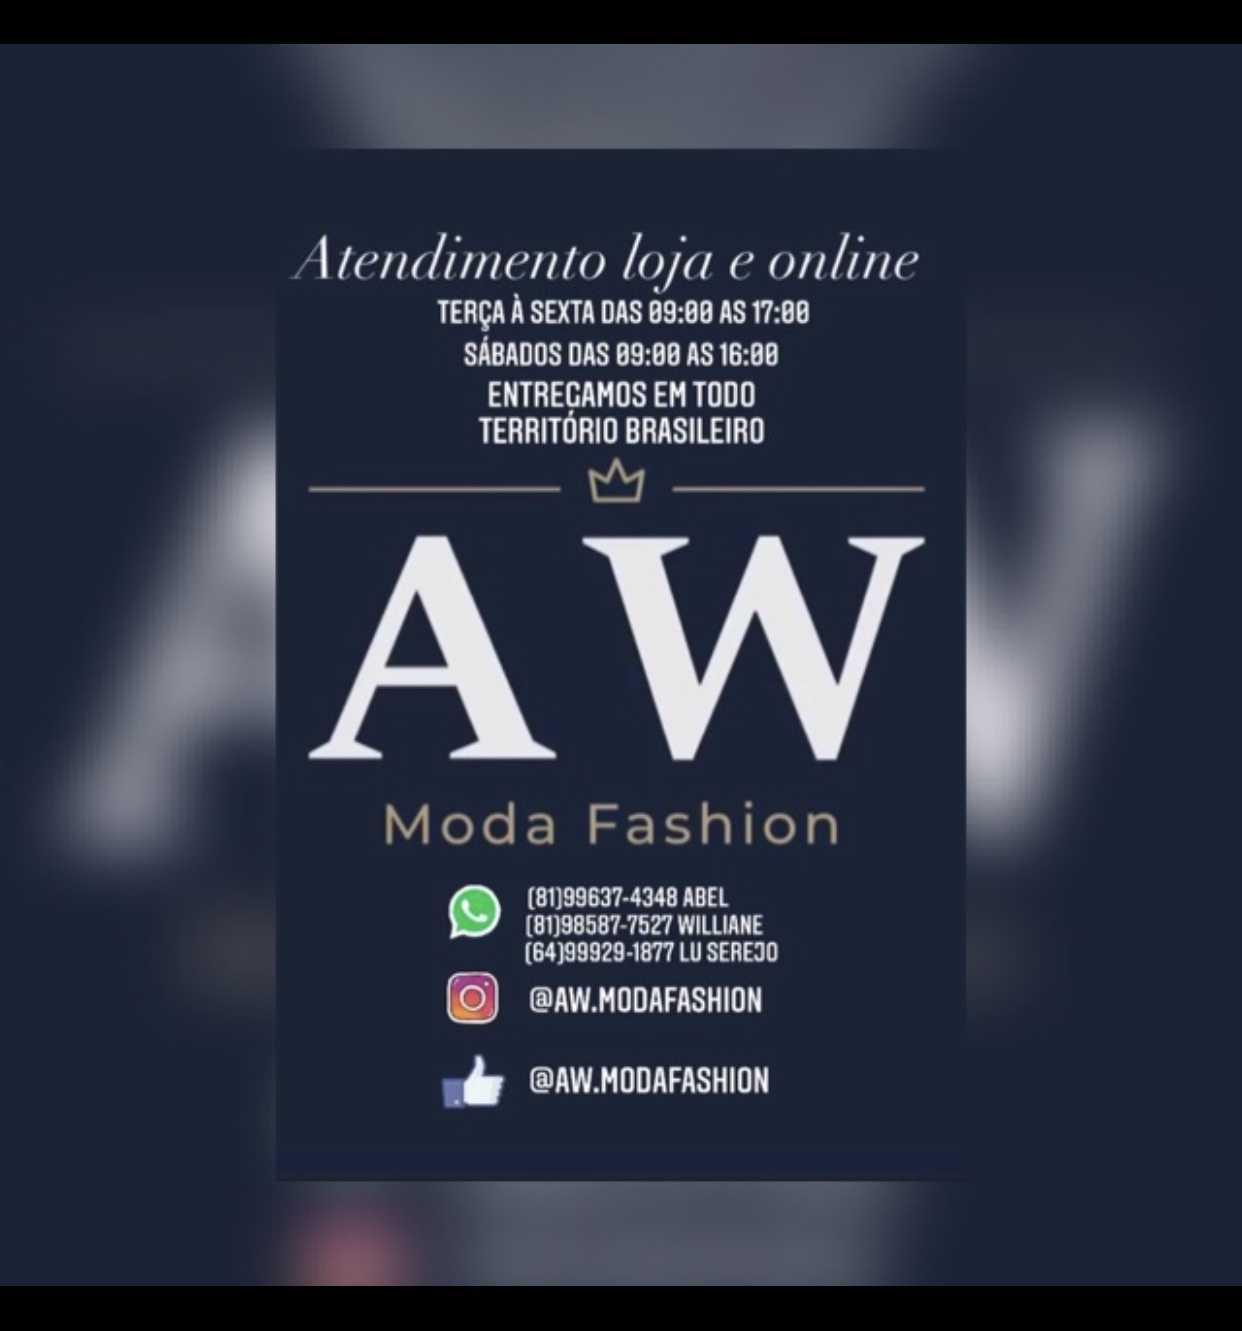 AW moda fashion